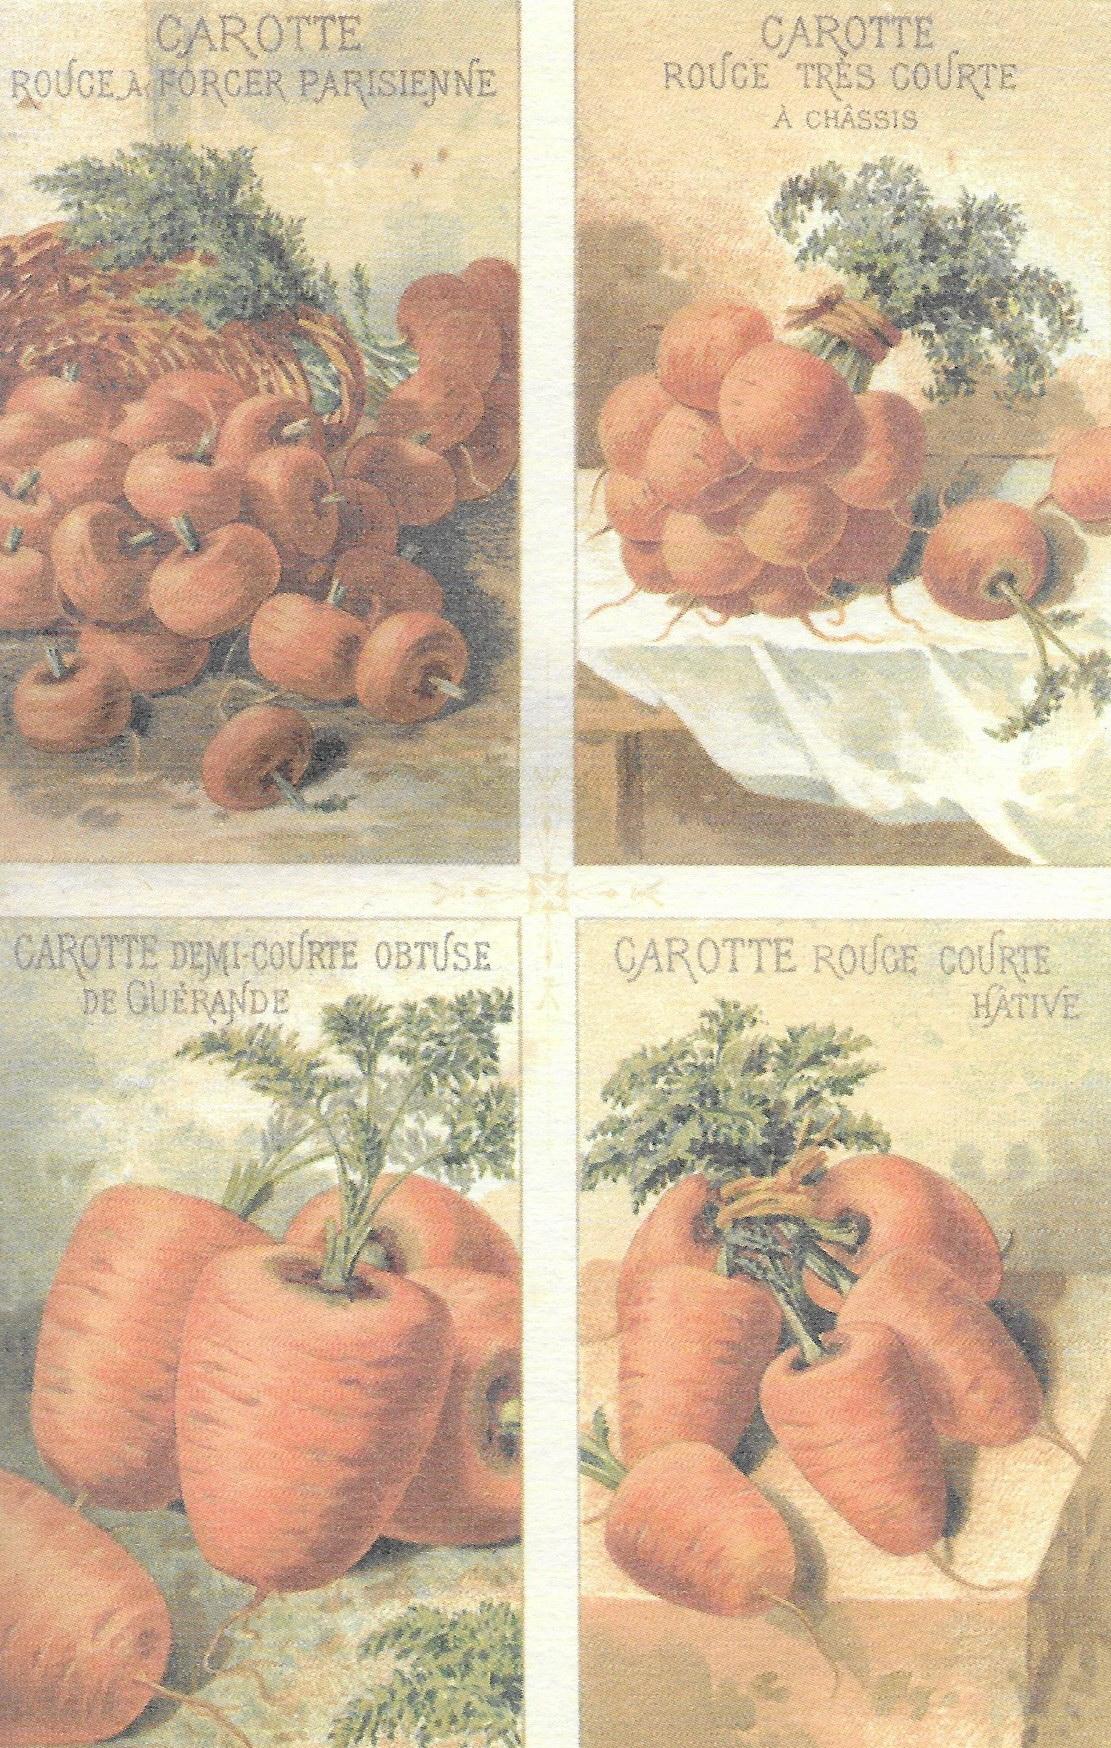 Variétés anciennes de carottes